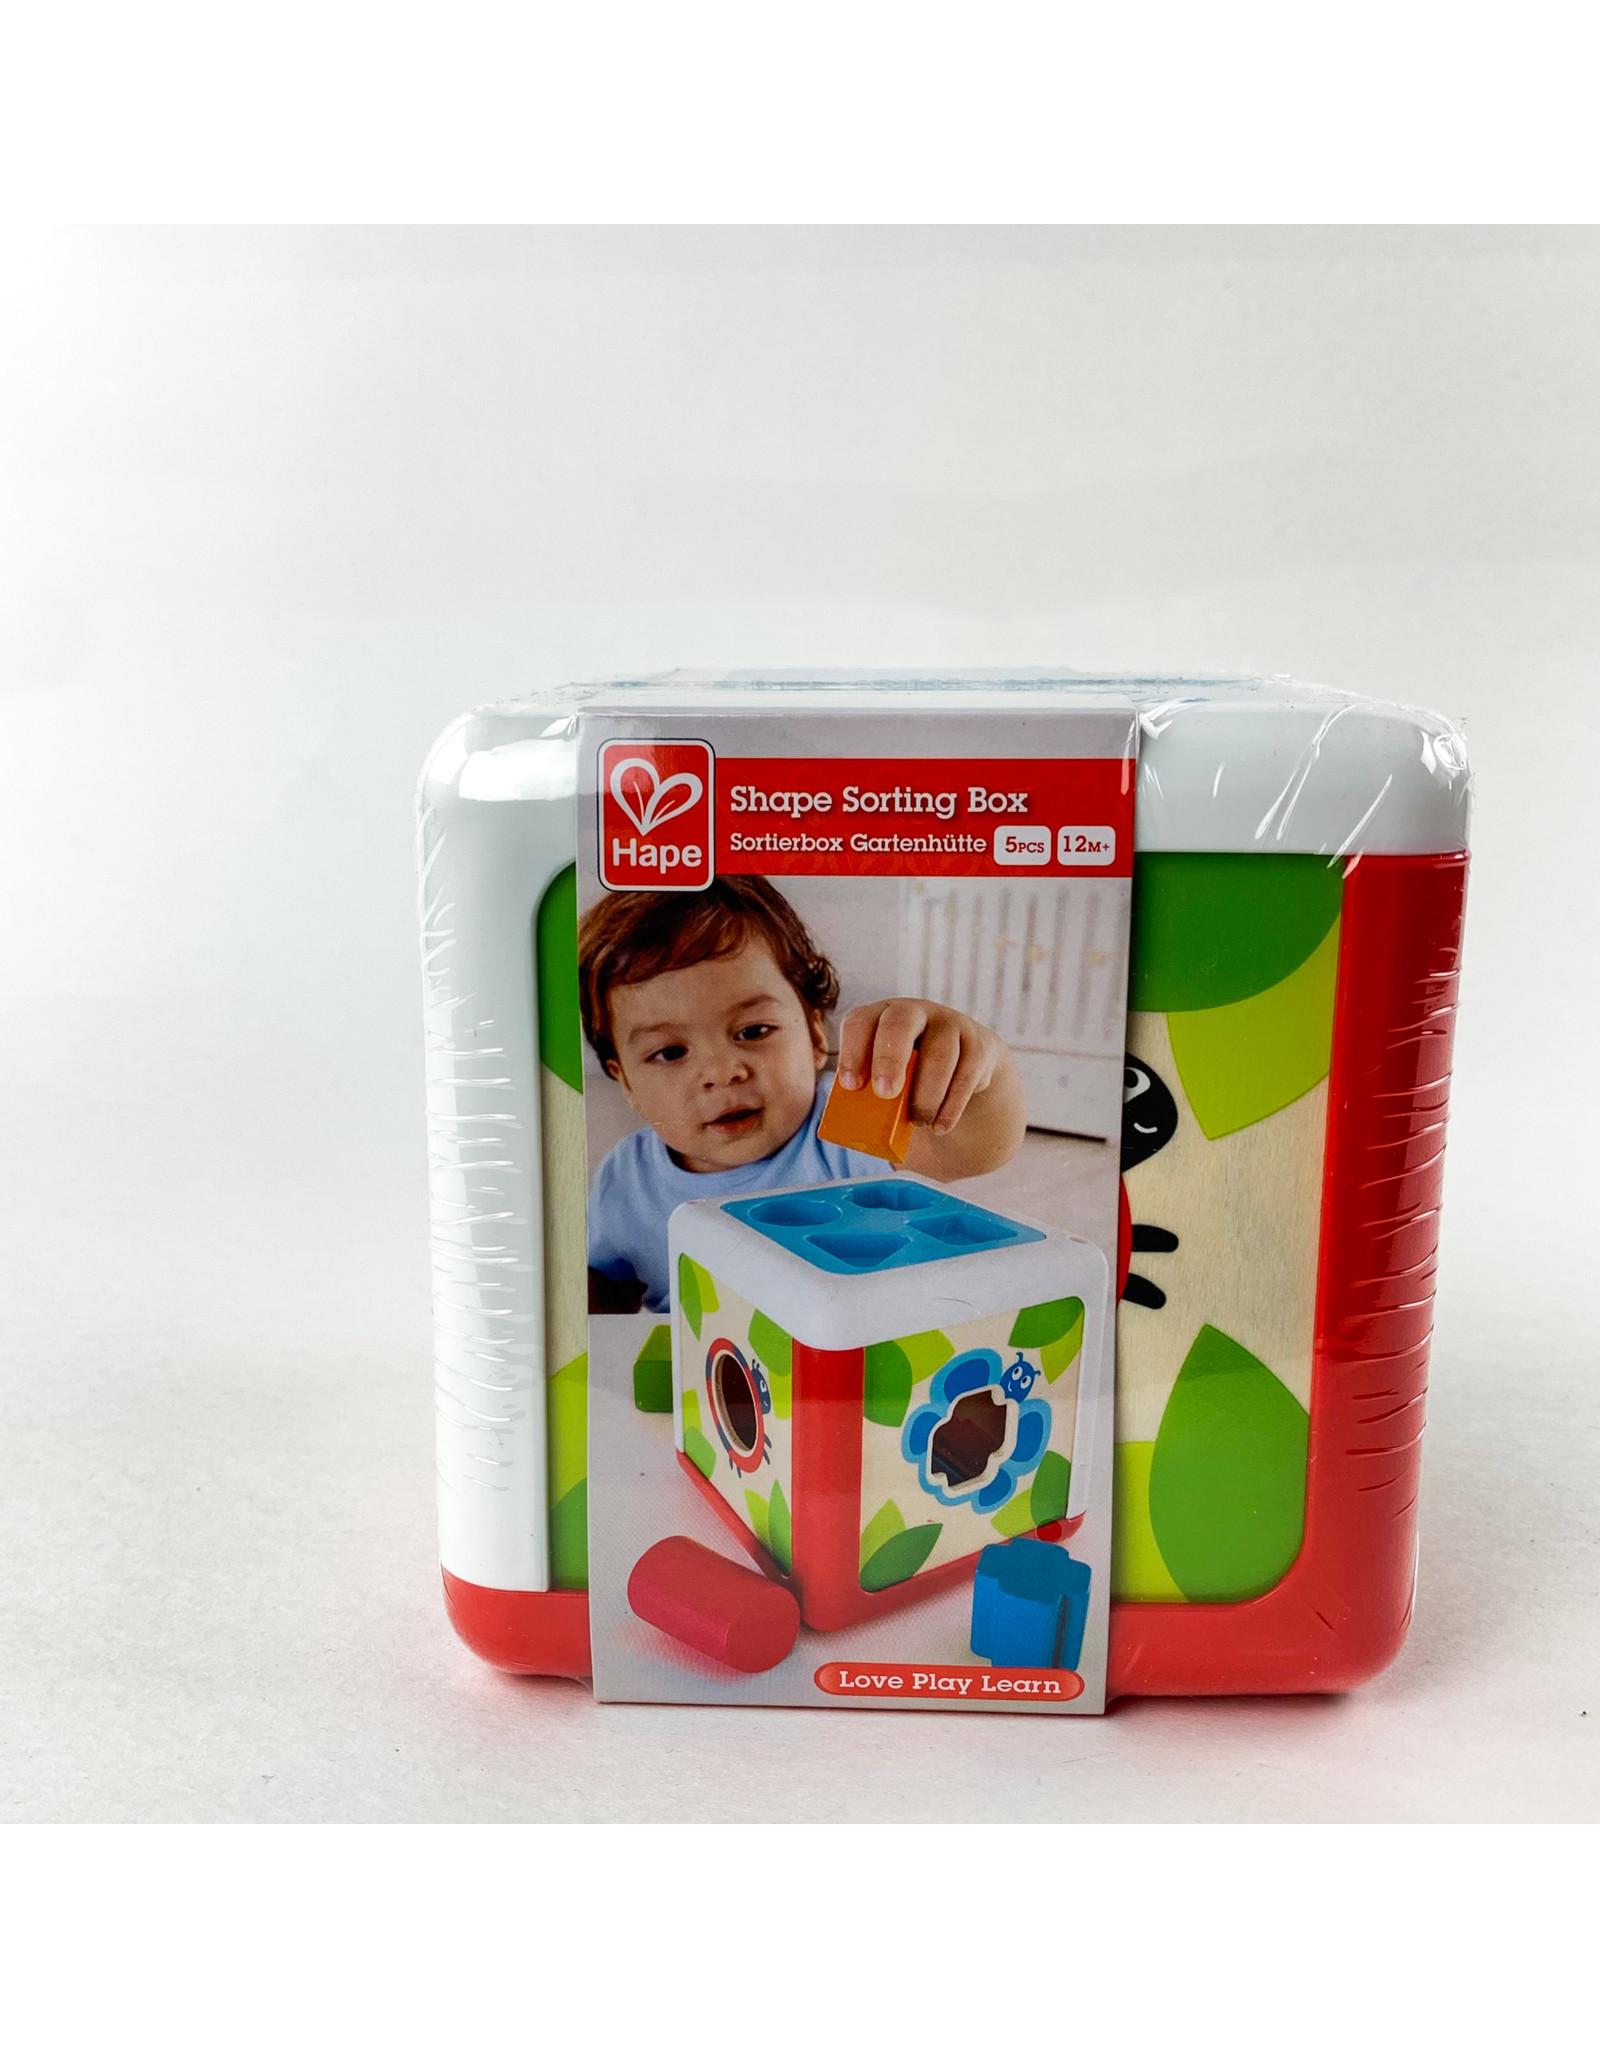 Hape Shape sorter box